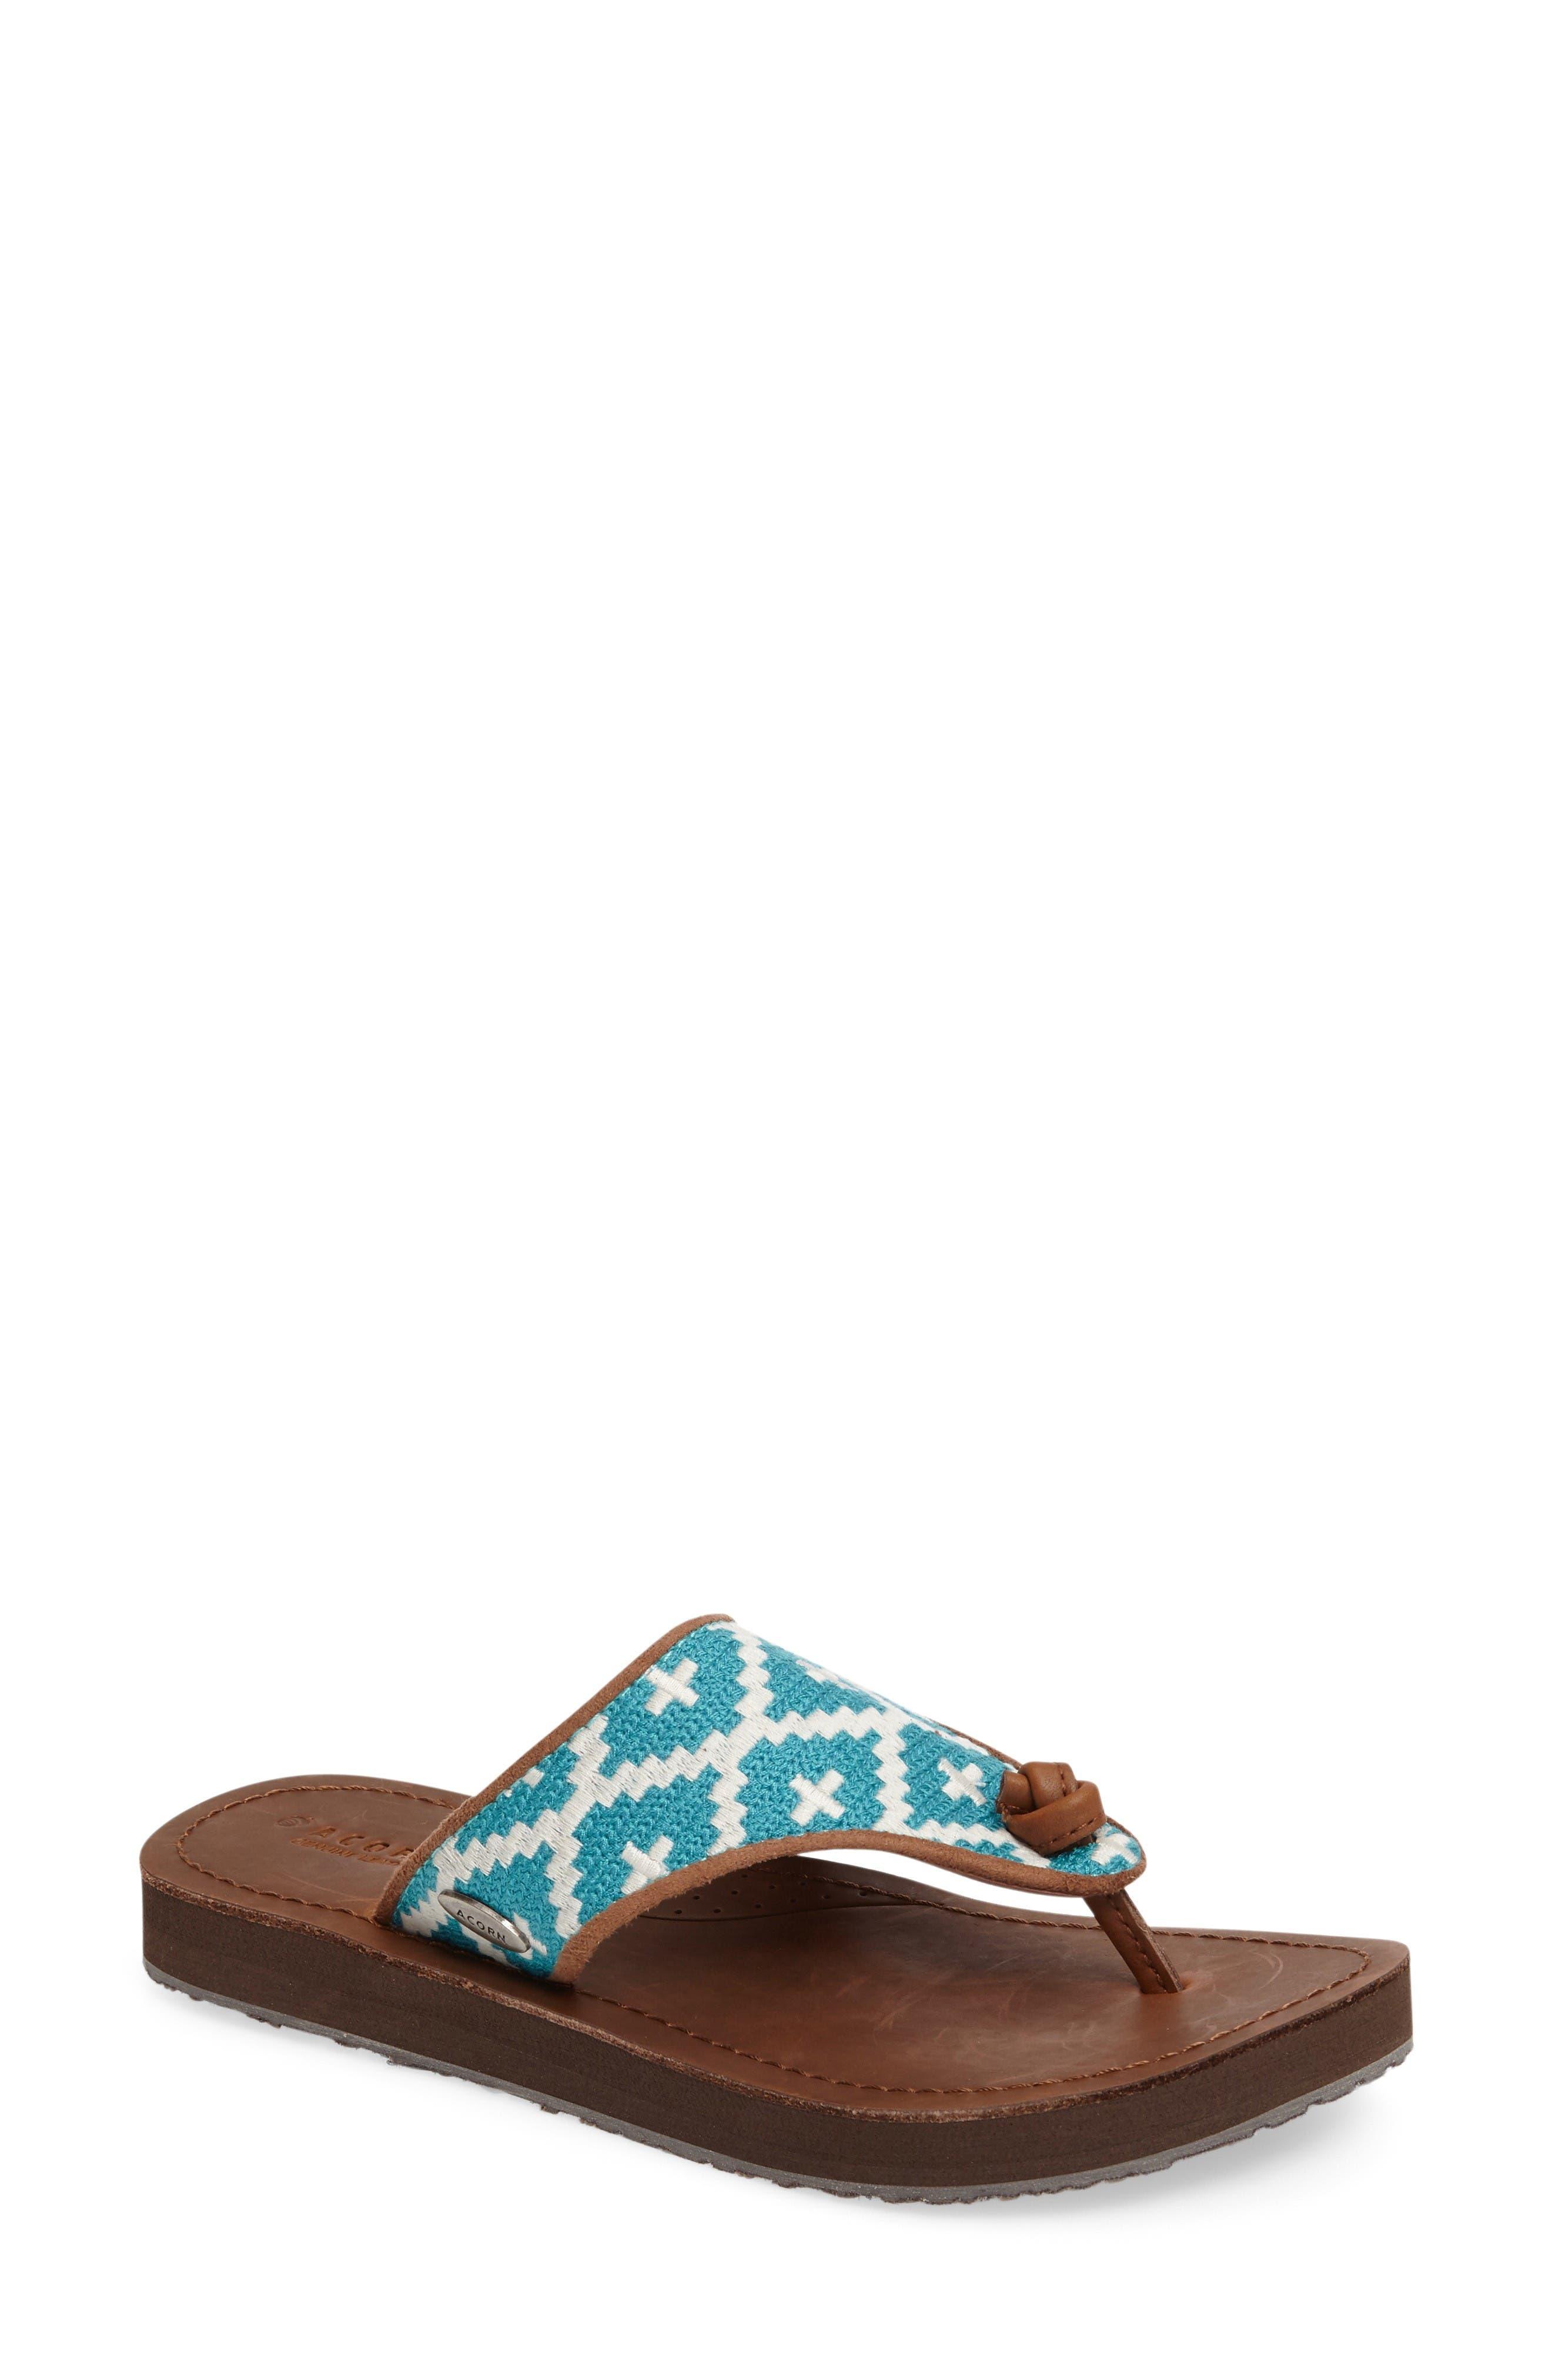 'Artwalk' Flip Flop,                         Main,                         color, Turquoise/ Cream Fabric